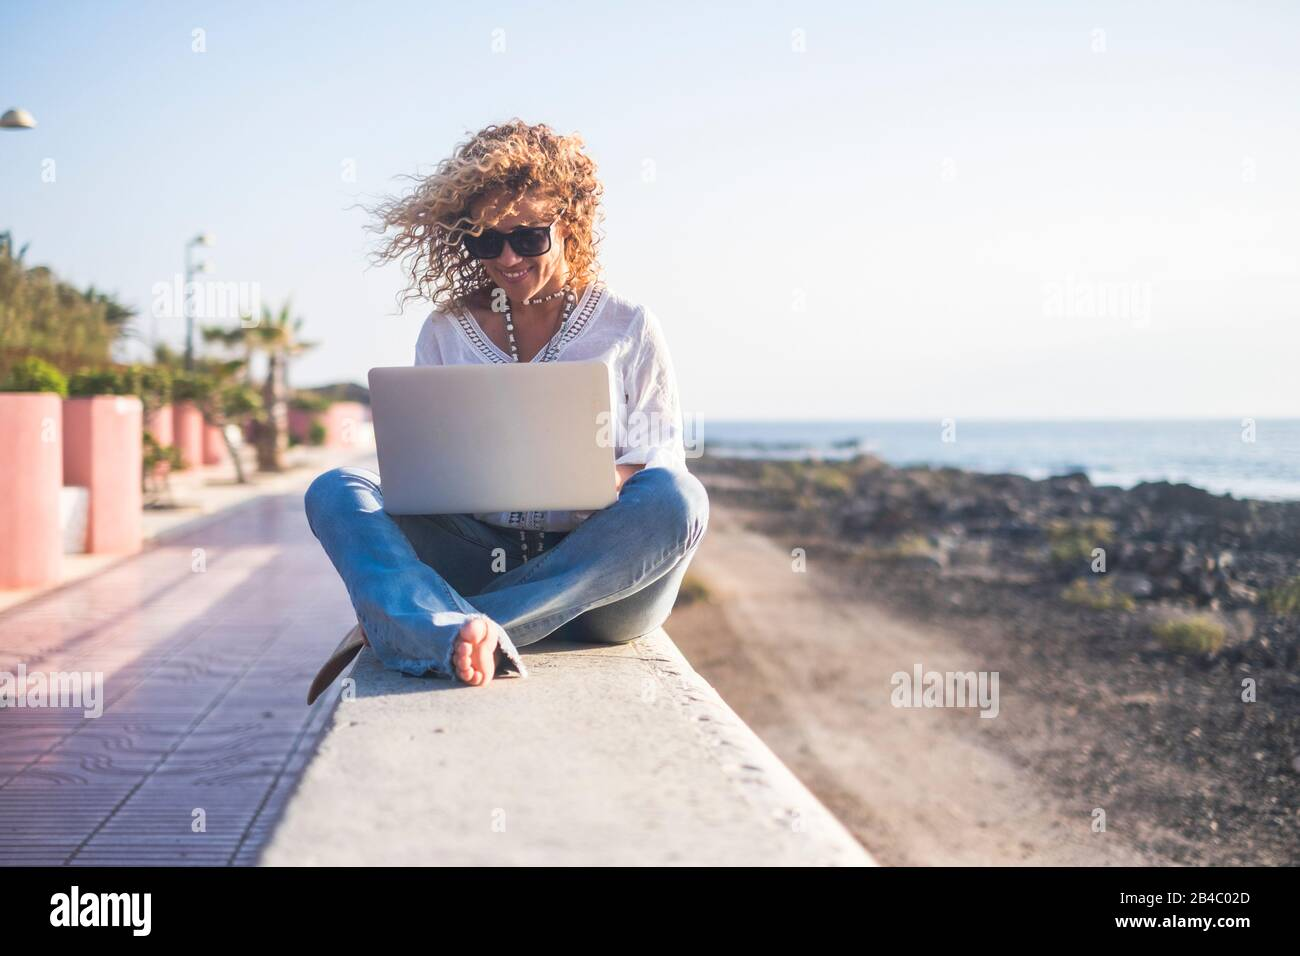 Gai belle blonde curly personnes jeune femme adulte assis en plein air avec la mer et le ciel en arrière-plan travailler avec tablette ordinateur Internet connecté - libre de concept de bureau Banque D'Images